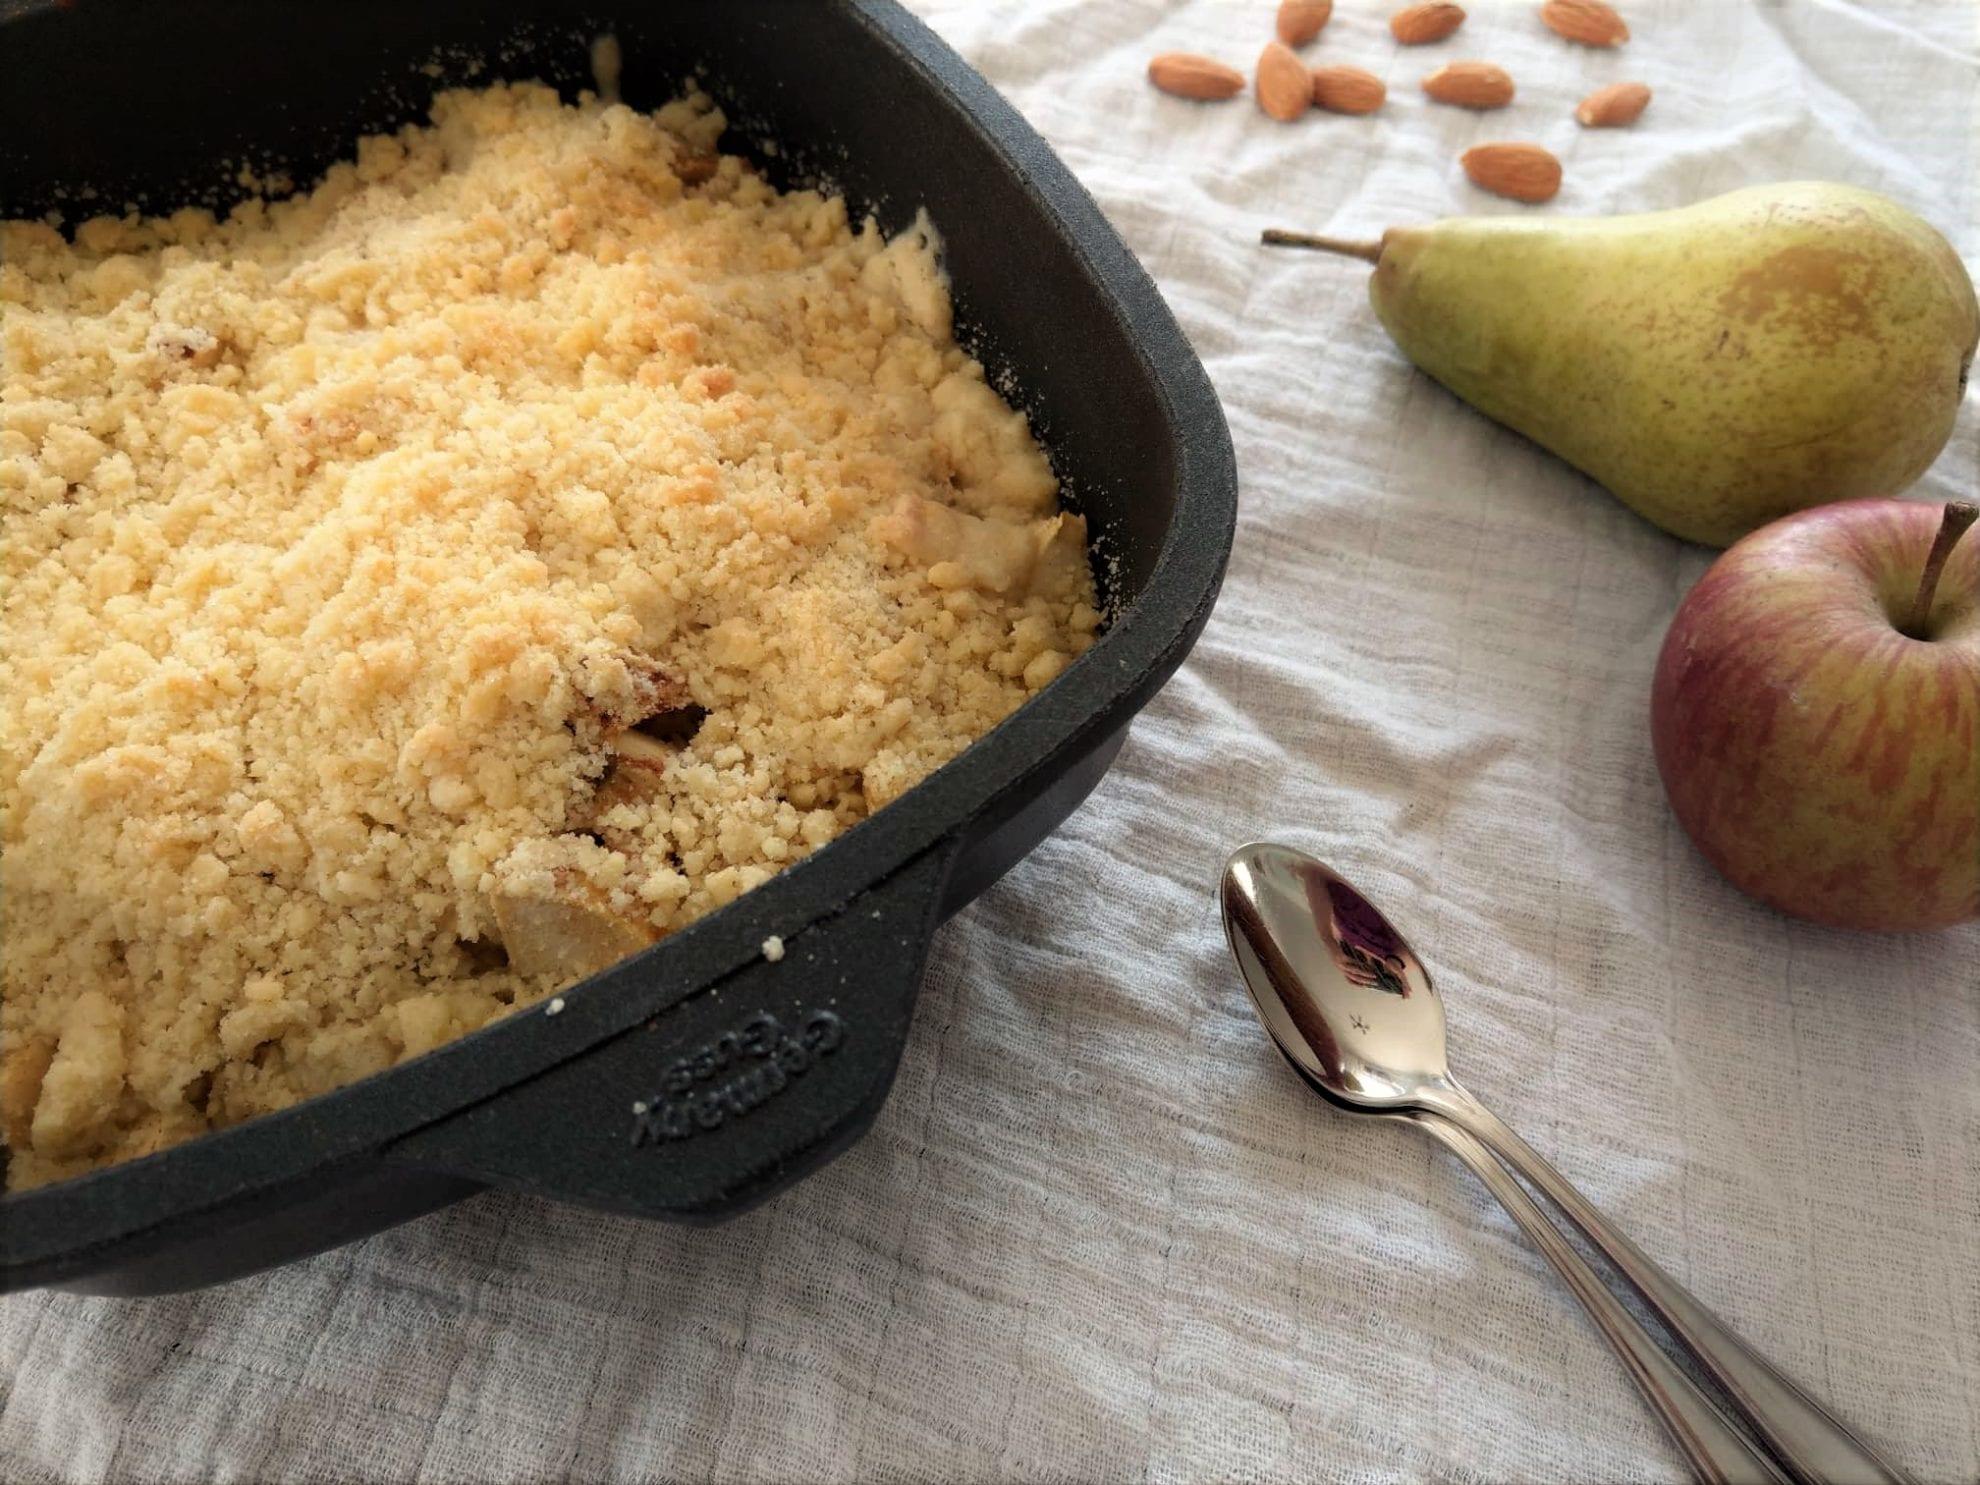 Ein kinderleichtes Rezept für Birnencrumble mit Mandeln. Auch leicht umsetzbar für Kinder.